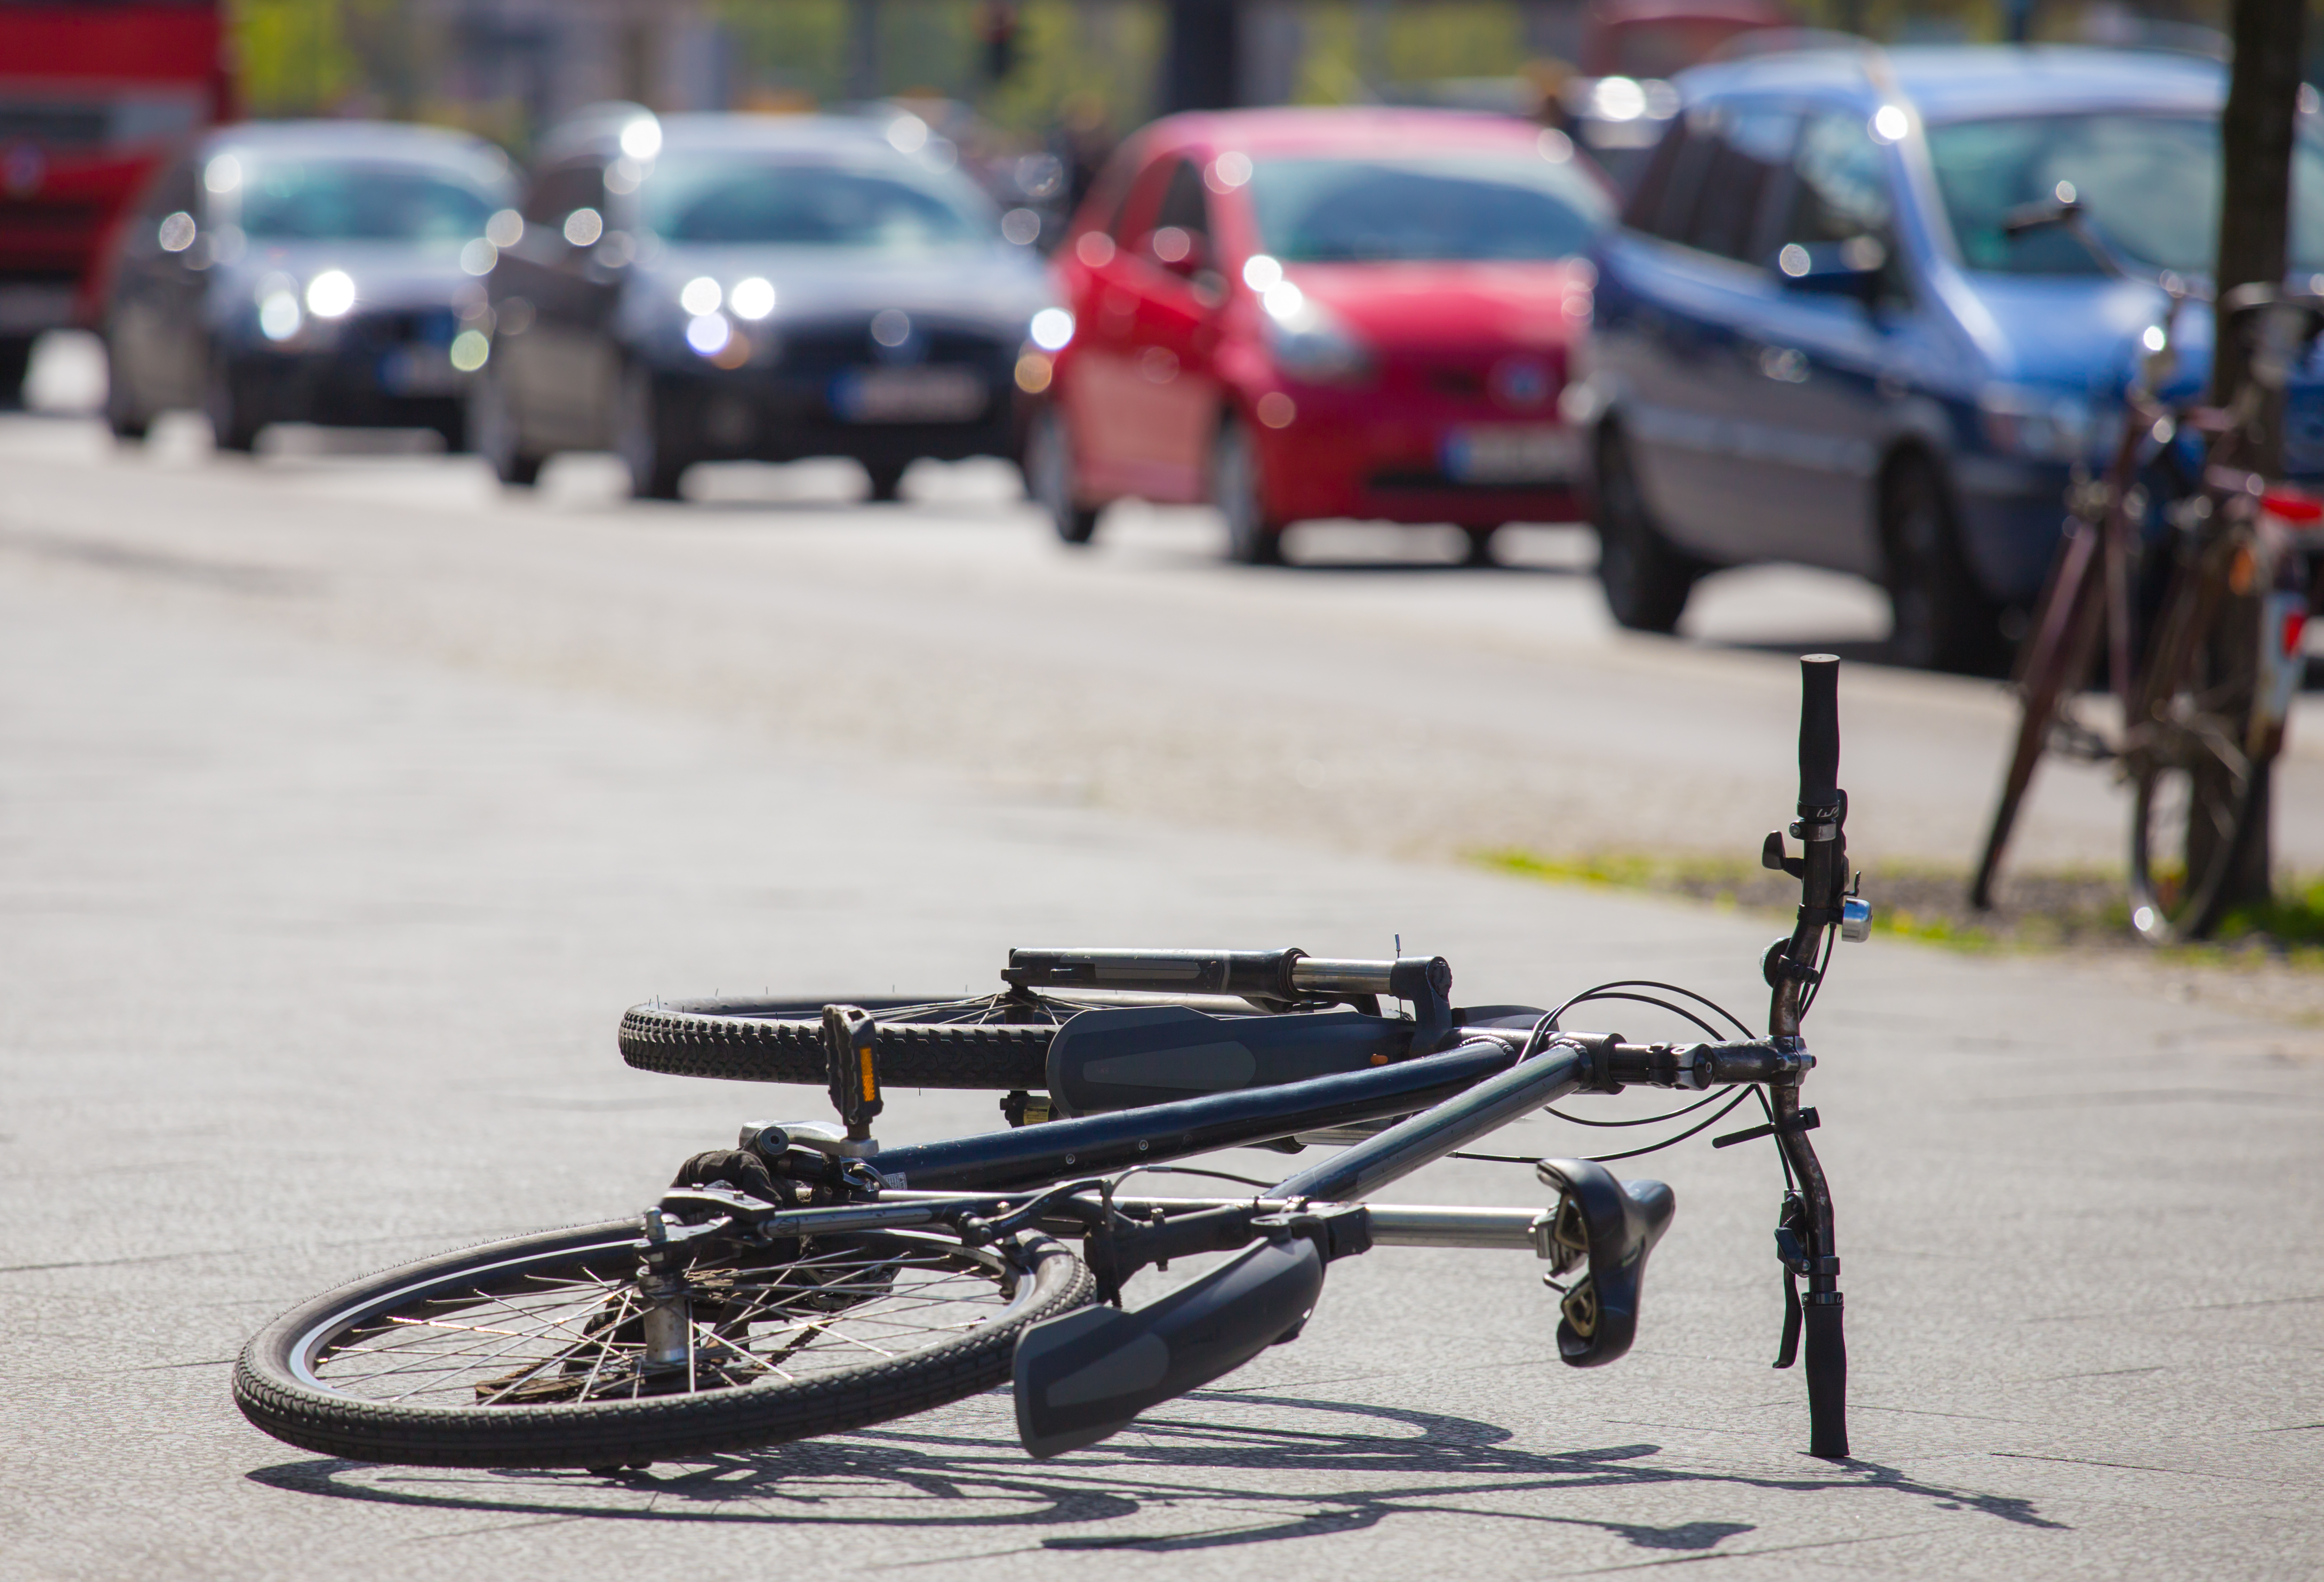 El Verano Es Un Momento Para Revisar La Seguridad De Las Bicicletas